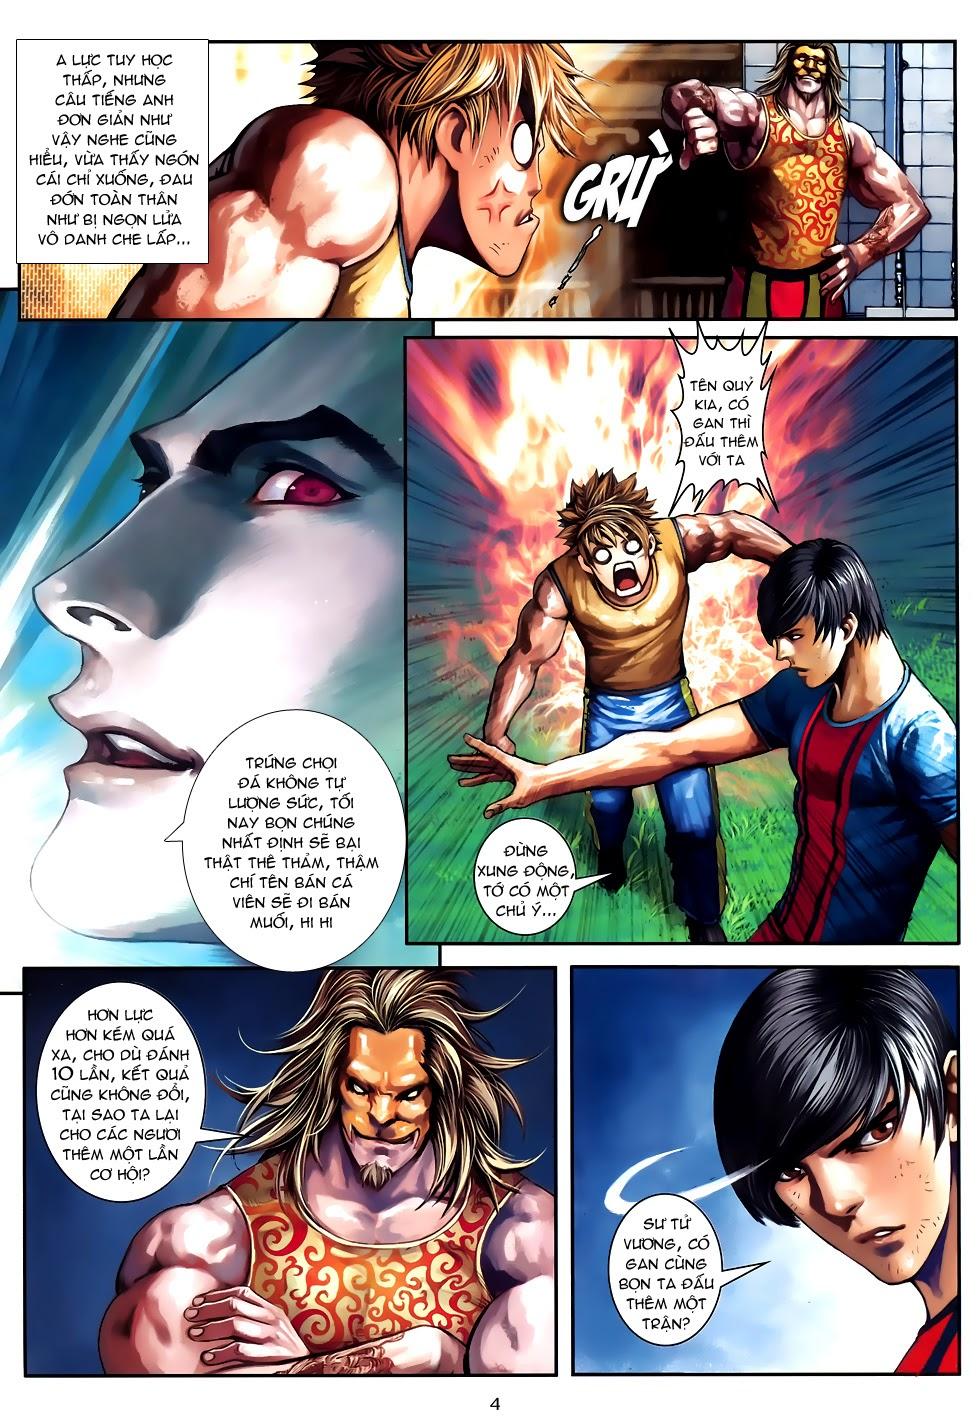 Quyền Đạo chapter 10 trang 4